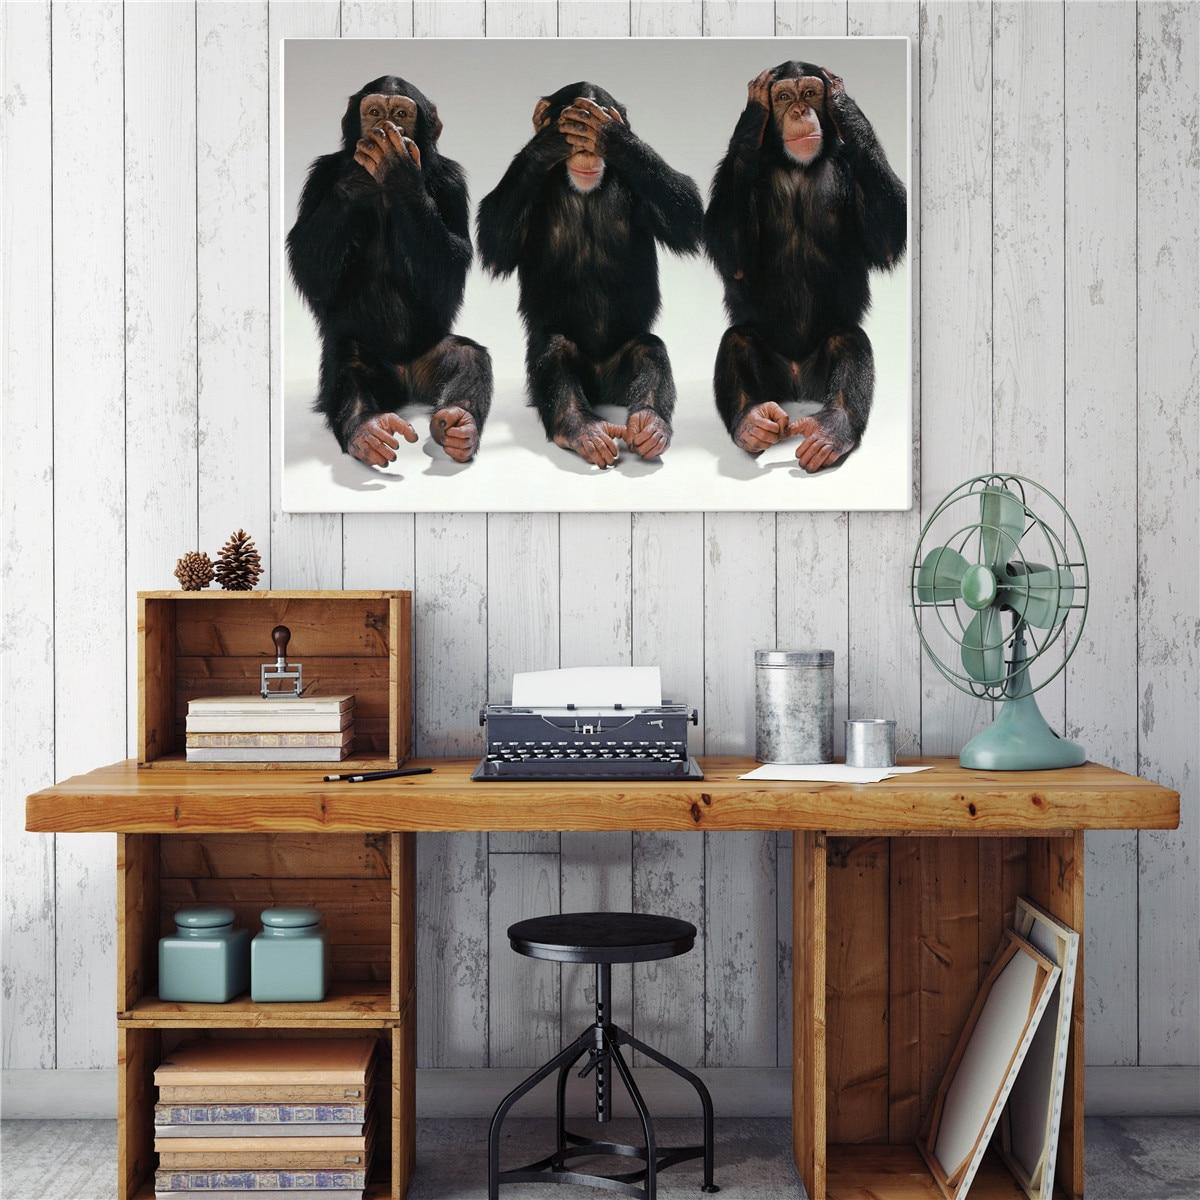 US $5 14 Hewan Lucu Monyet Gorila Orang Ekspresi Kanvas Cetak Lukisan Modern Gambar Dinding Seni Dekorasi Rumah 1 Pcs Painting & Calligraphy